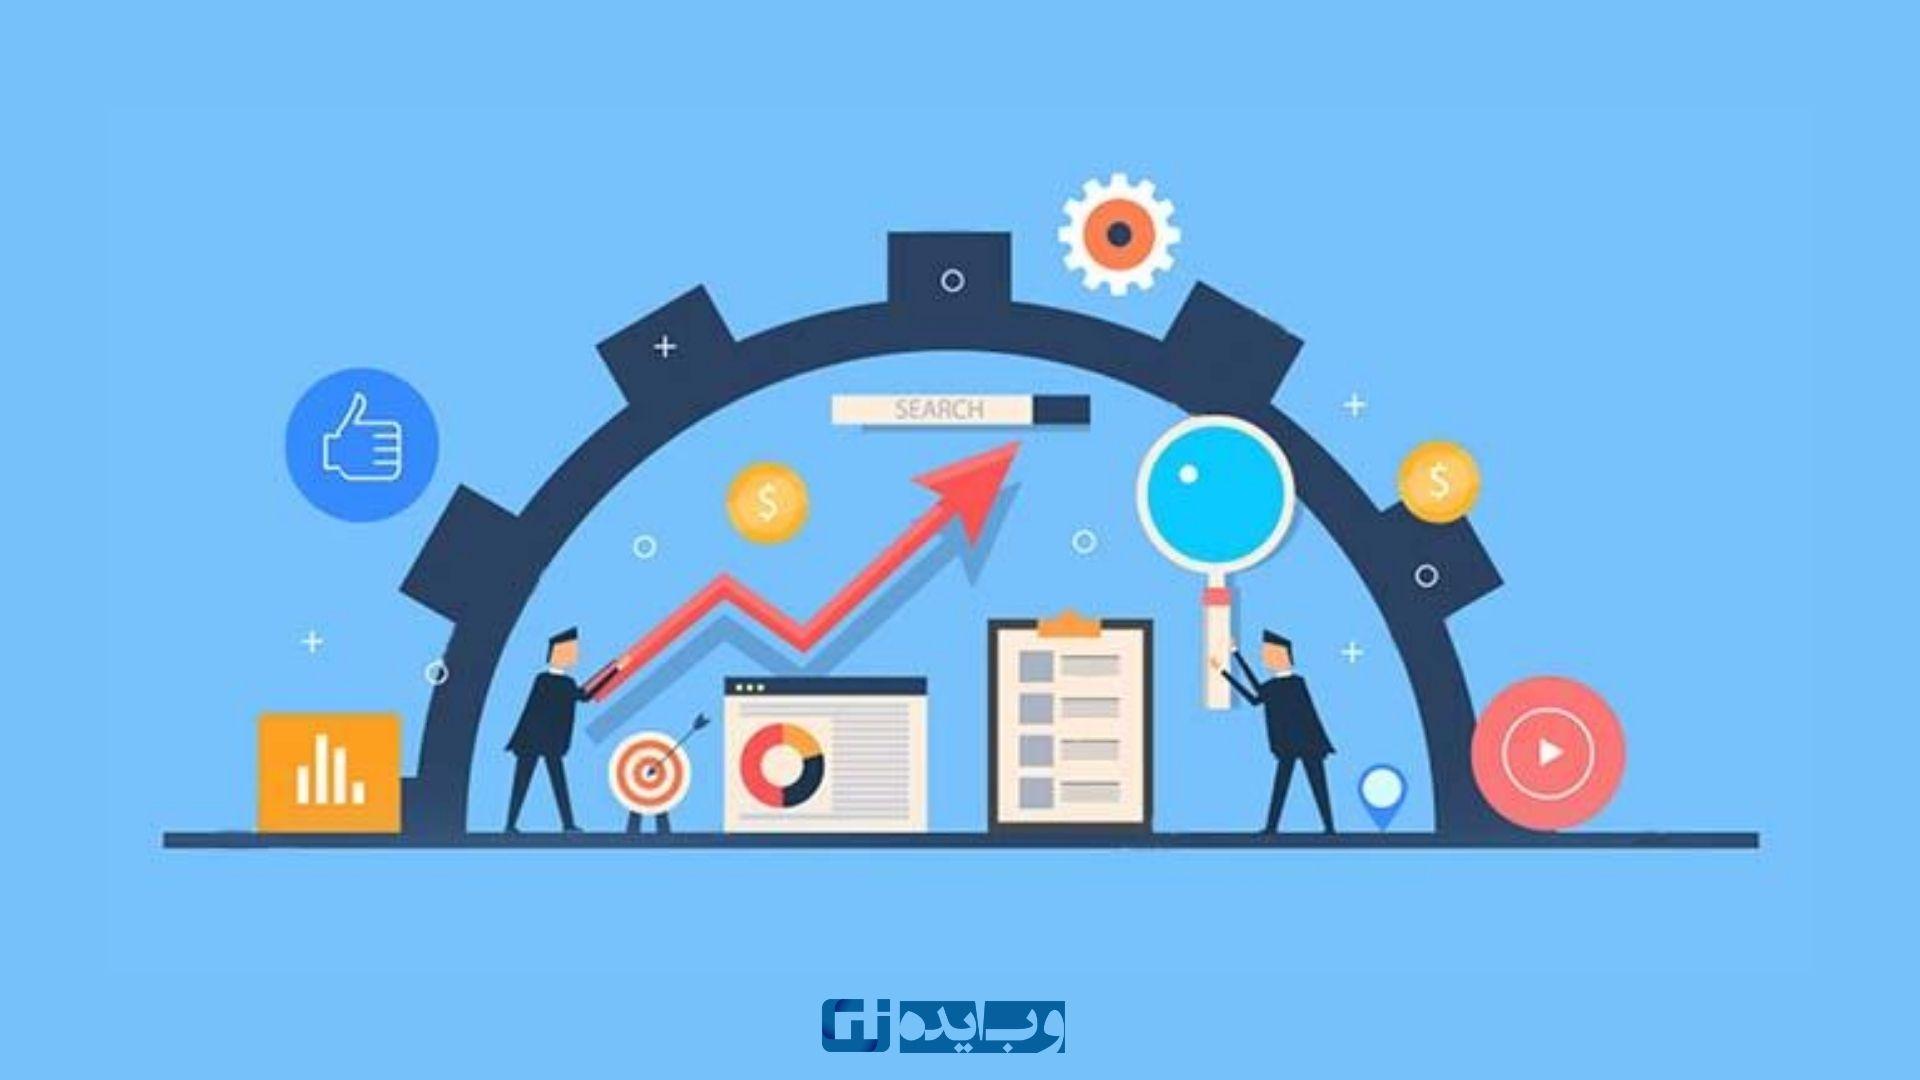 اعتماد، قدرت و رتبه سایت در بین سایتهای دیگر